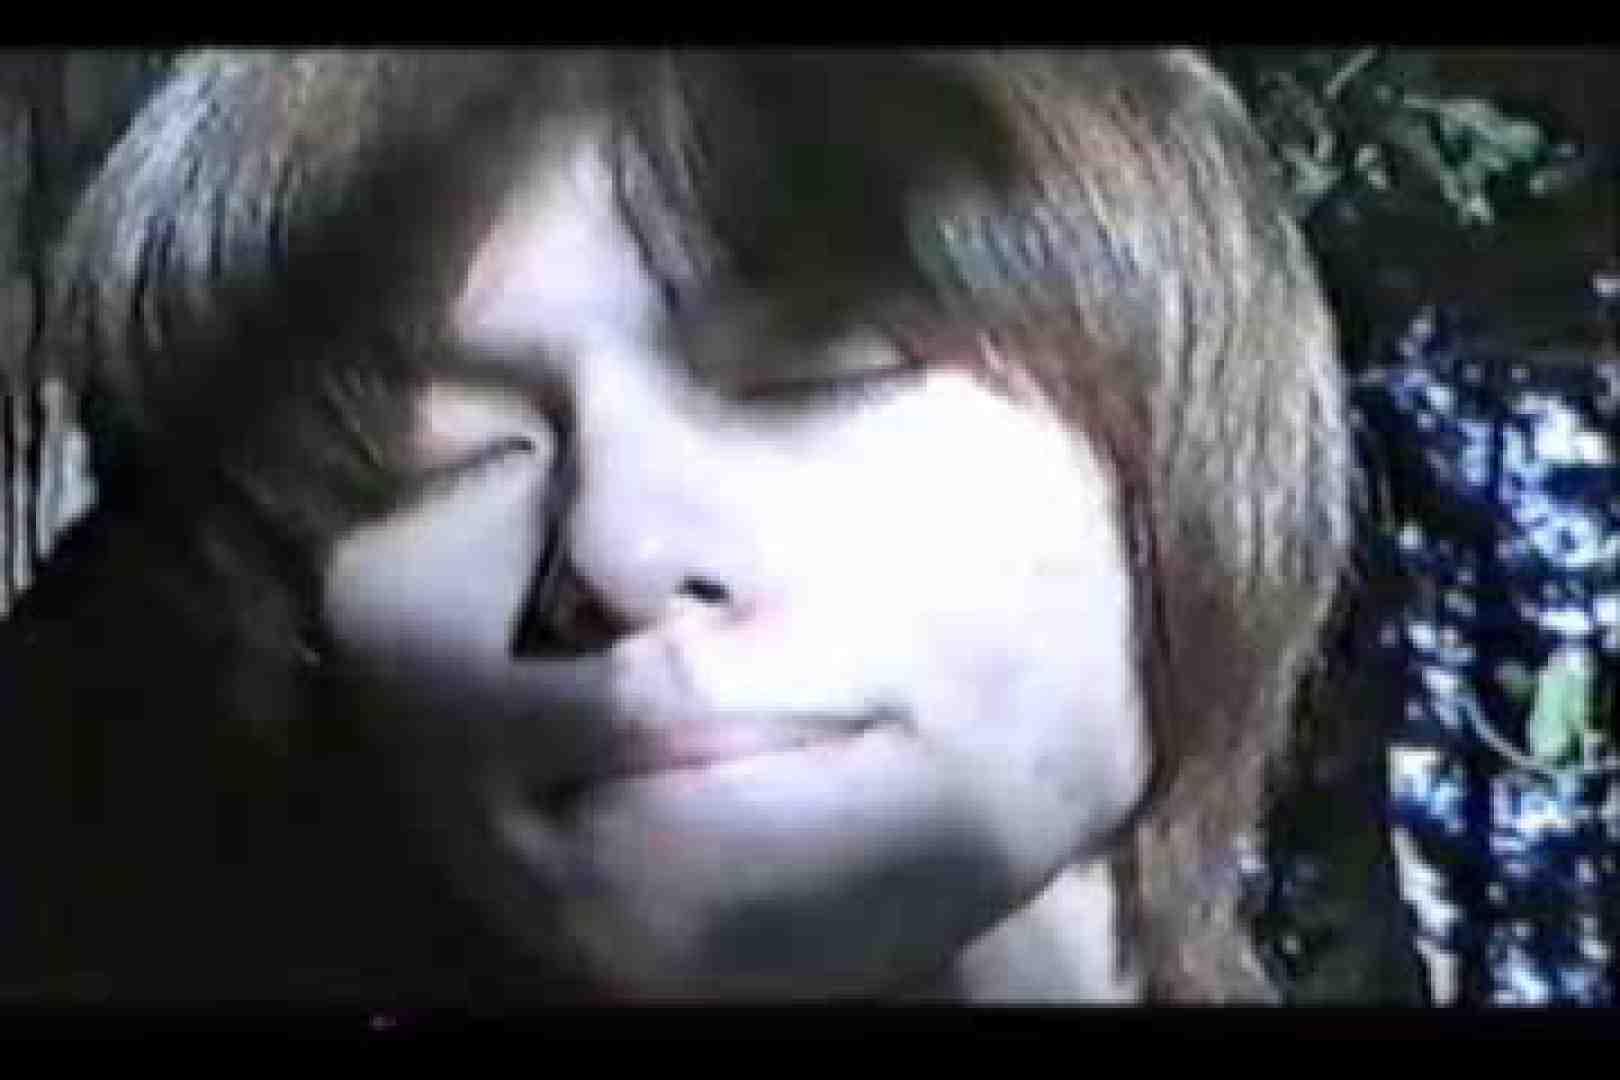 オールドゲイシリーズ  美少年ひかるのオープンファック アナル舐め ゲイ肛門画像 83枚 79